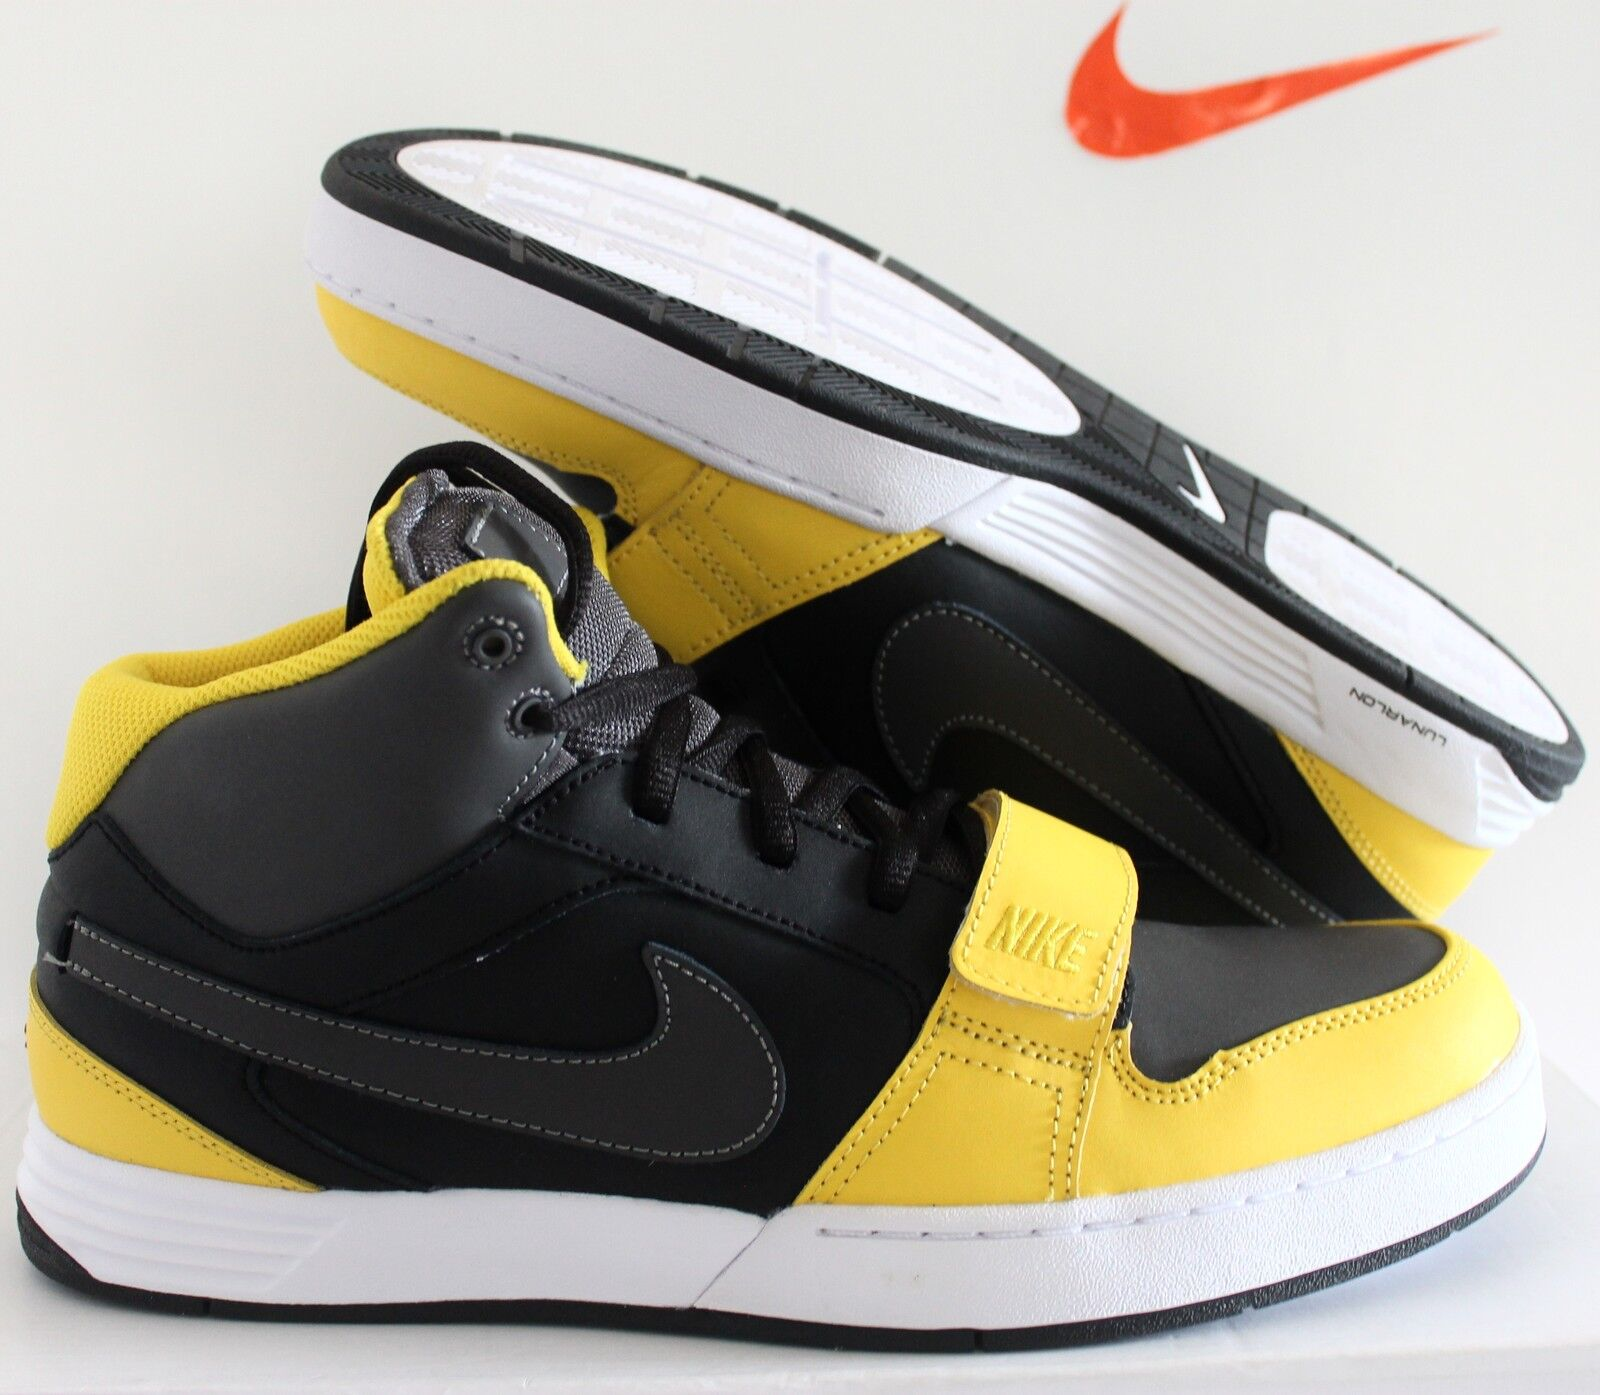 Nike Air Mogan SZ id Negro-Blanco-mustard SZ Mogan 10,5 [532018-991] 633b89